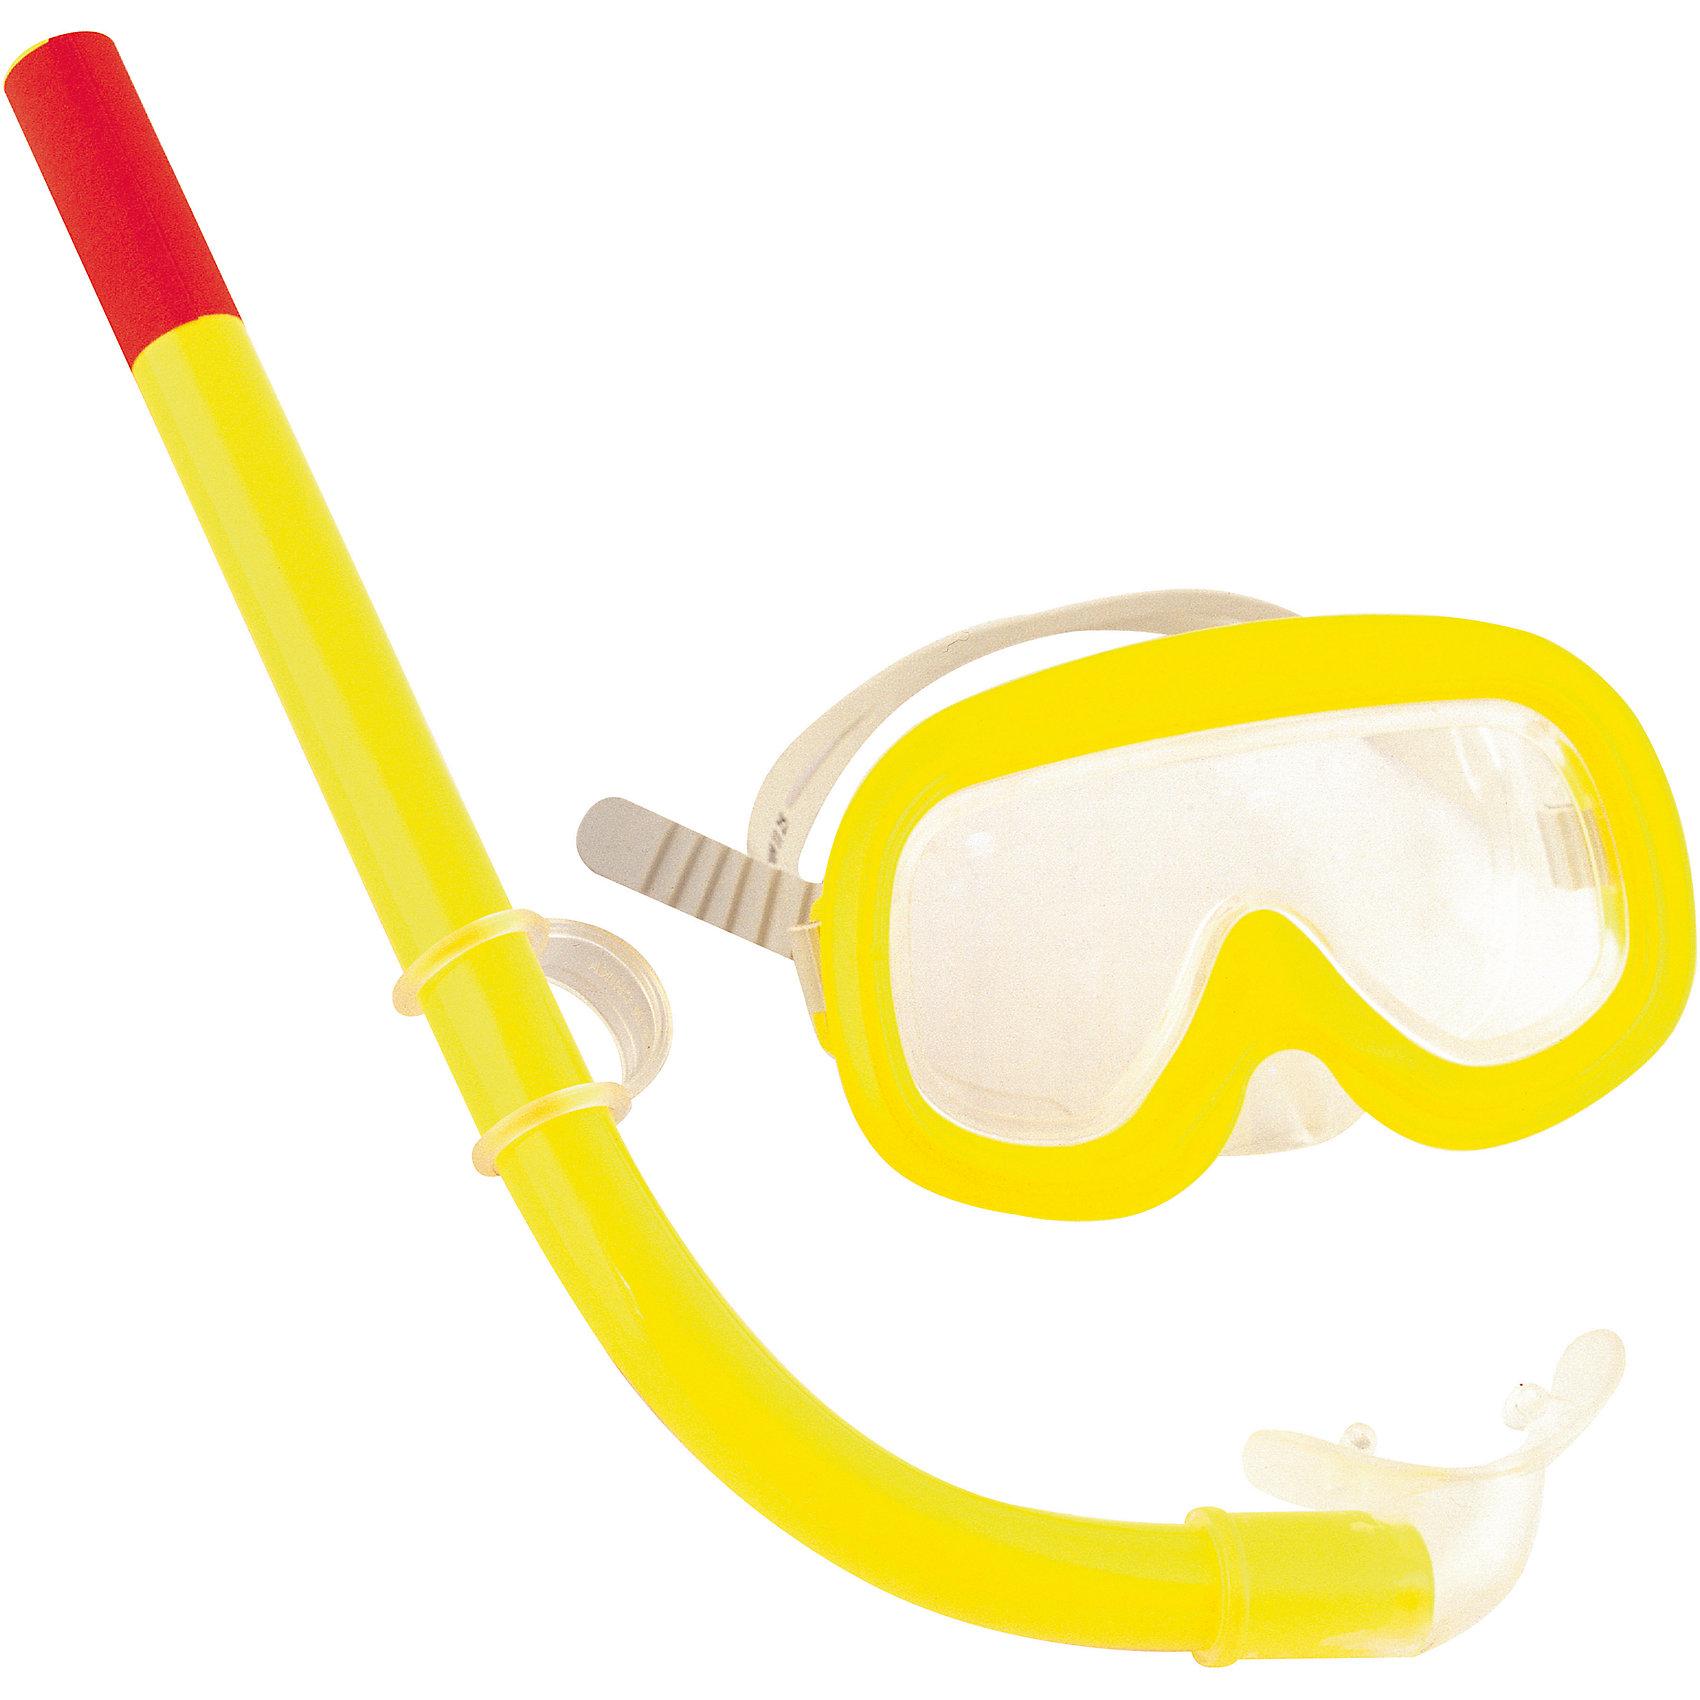 Набор для ныряния (маска+трубка) Sun детский, желтый, BestwayОчки, маски, ласты, шапочки<br>Характеристики товара:<br><br>• материал: пластик<br>• цвет: желтый<br>• комплектация: маска, трубка<br>• размер маски: 135х80х60 см<br>• размер упаковки: 36x20x7 см<br>• прочный материал стекла<br>• удобный уплотнитель<br>• плотное прилегание<br>• возможность регулировки размера<br>• возраст: от 3 до 6 лет<br>• страна бренда: США, Китай<br>• страна производства: Китай<br><br>Такой набор позволяет не только участвовать в активных играх, маска она поможет ребенку познакомиться с интересным подводным миром, расширить его кругозор и привить интерес к знаниям.<br><br>Маска сделана из прочного материала, она плотно прилегает к лицу и не пропускает воду. Размер легко регулируется под ребенка. Изделие произведено из качественных и безопасных для детей материалов.<br><br>Набор для ныряния (маска+трубка) Sun детский, желтый, от бренда Bestway (Бествей) можно купить в нашем интернет-магазине.<br><br>Ширина мм: 349<br>Глубина мм: 185<br>Высота мм: 40<br>Вес г: 155<br>Возраст от месяцев: 36<br>Возраст до месяцев: 72<br>Пол: Унисекс<br>Возраст: Детский<br>SKU: 4829102